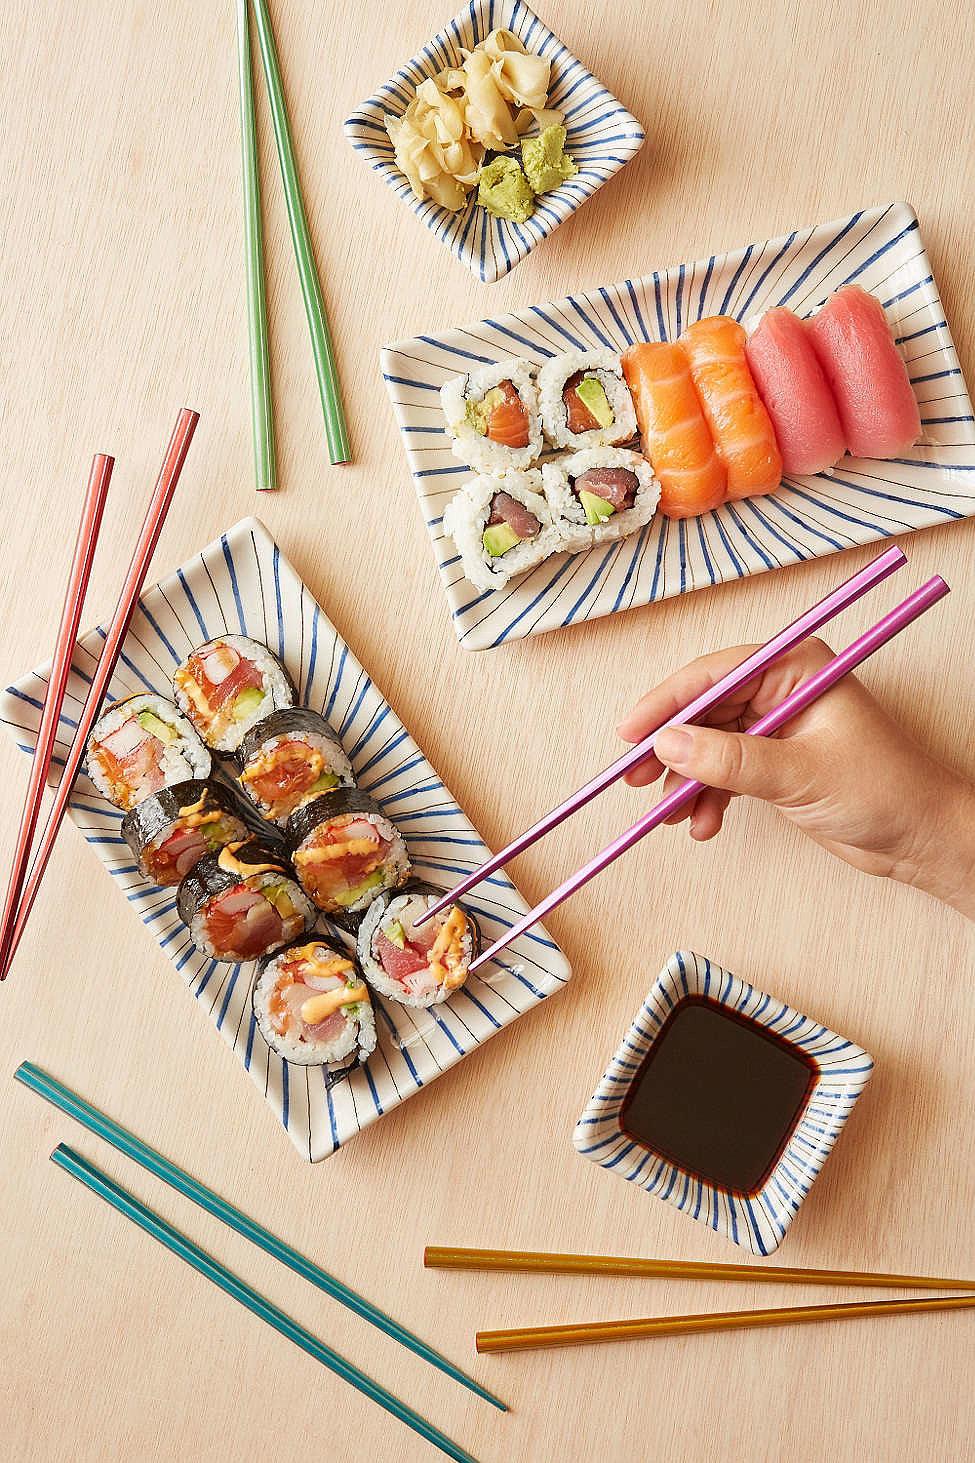 Metallic Chopsticks